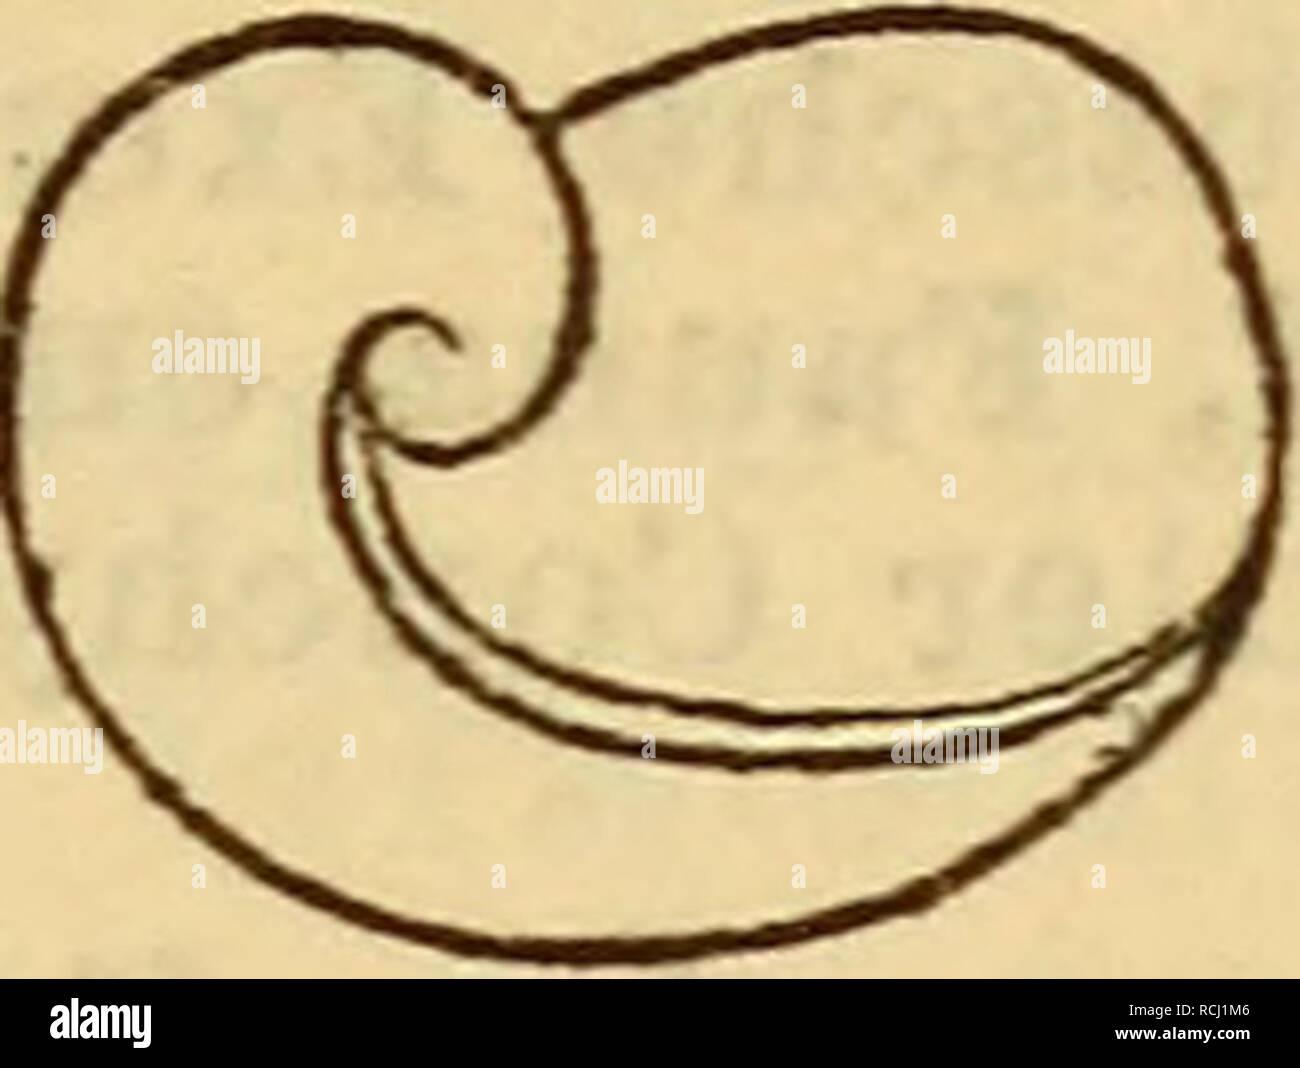 . Die Mollusken-Fauna Mitteleuropa. Los moluscos. ≪ZD Vitr. Kochi. La LGE. 3,2 mm., Br. 2,3 mm. Verbreitung: bei Patschkau en Schlesien und in Steiermark. Bemerkung. Die Art schliesst sich una Vitr. Char- pentieri, die jedoch mehr zu V. diaphana sich neigt, wäh- desgarrar mueren especies vorstehende mehr V. pellucida streift, un arte welche der namentlich schmale Hautsaum erinnert! Von Vitr. Charpentieri unterscheidet sie noch das weniger ge- drückte Gehäuse. 7. Vitrina nivalis Charpentier. Vitrina nivalis Charpentier en Clessin Deutsche Exe. Moll. Fauna 2. Aufl. pág. 74 f. 29. - Alpestris Clessin, mal. Blät Foto de stock